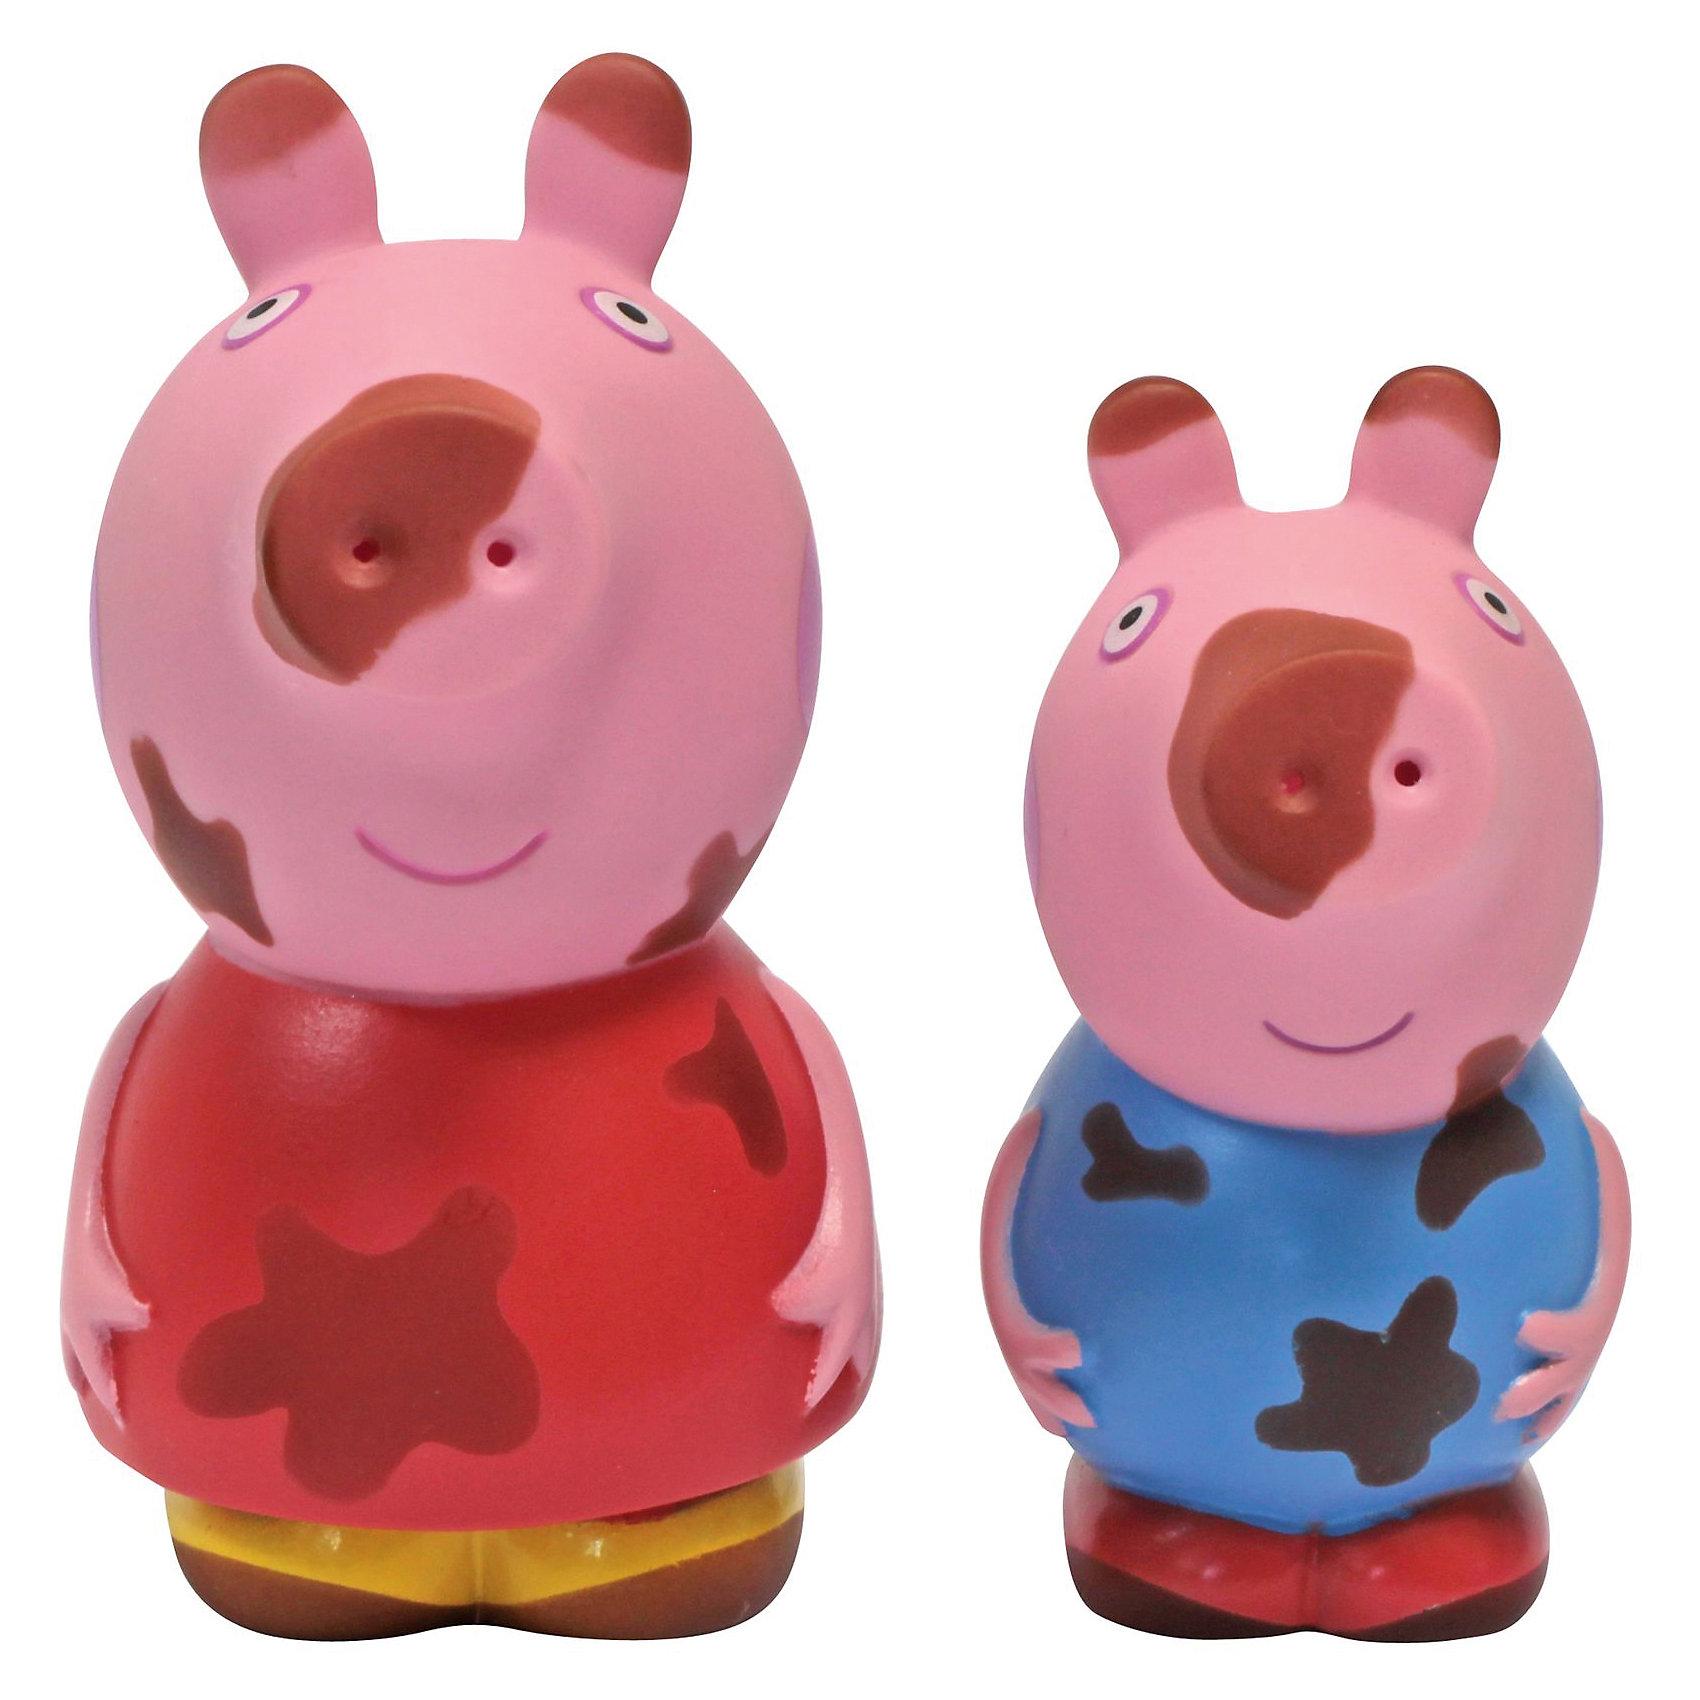 Набор Чистюля или грязнуля, Свинка ПеппаДетки обожают купаться в ванне в компании любимых игрушек, поэтому игровой набор «Чистюля или грязнуля» с фигурками в виде героев мультфильма «Свинка Пеппа» обязательно приведет в восторг вашего малыша. Пеппа и Джордж прыгали по лужам и перепачкались в грязи. Им срочно нужно помыться! Опустите их в теплую воду, и пятна исчезнут, будто их и не бывало. Достаньте игрушки из воды, подождите немного – вы увидите, как магическим образом пятнышки появляются снова.<br><br>Дополнительная информация:<br><br>В игровом наборе для ванной «Чистюля или грязнуля» «Peppa Pig» 2 фигурки из пластизоля, брызгающиеся водой: Свинка Пеппа (10 см) и Малыш Джордж (8 см). <br>Пятна на фигурках исчезают в теплой воде. <br>Упаковка размером 17,2х13,8х6,2 см.<br><br>Набор Чистюля или грязнуля, Свинка Пеппа (Peppa Pig) можно купить в нашем магазине.<br><br>Ширина мм: 173<br>Глубина мм: 145<br>Высота мм: 173<br>Вес г: 100<br>Возраст от месяцев: 36<br>Возраст до месяцев: 84<br>Пол: Унисекс<br>Возраст: Детский<br>SKU: 4621977